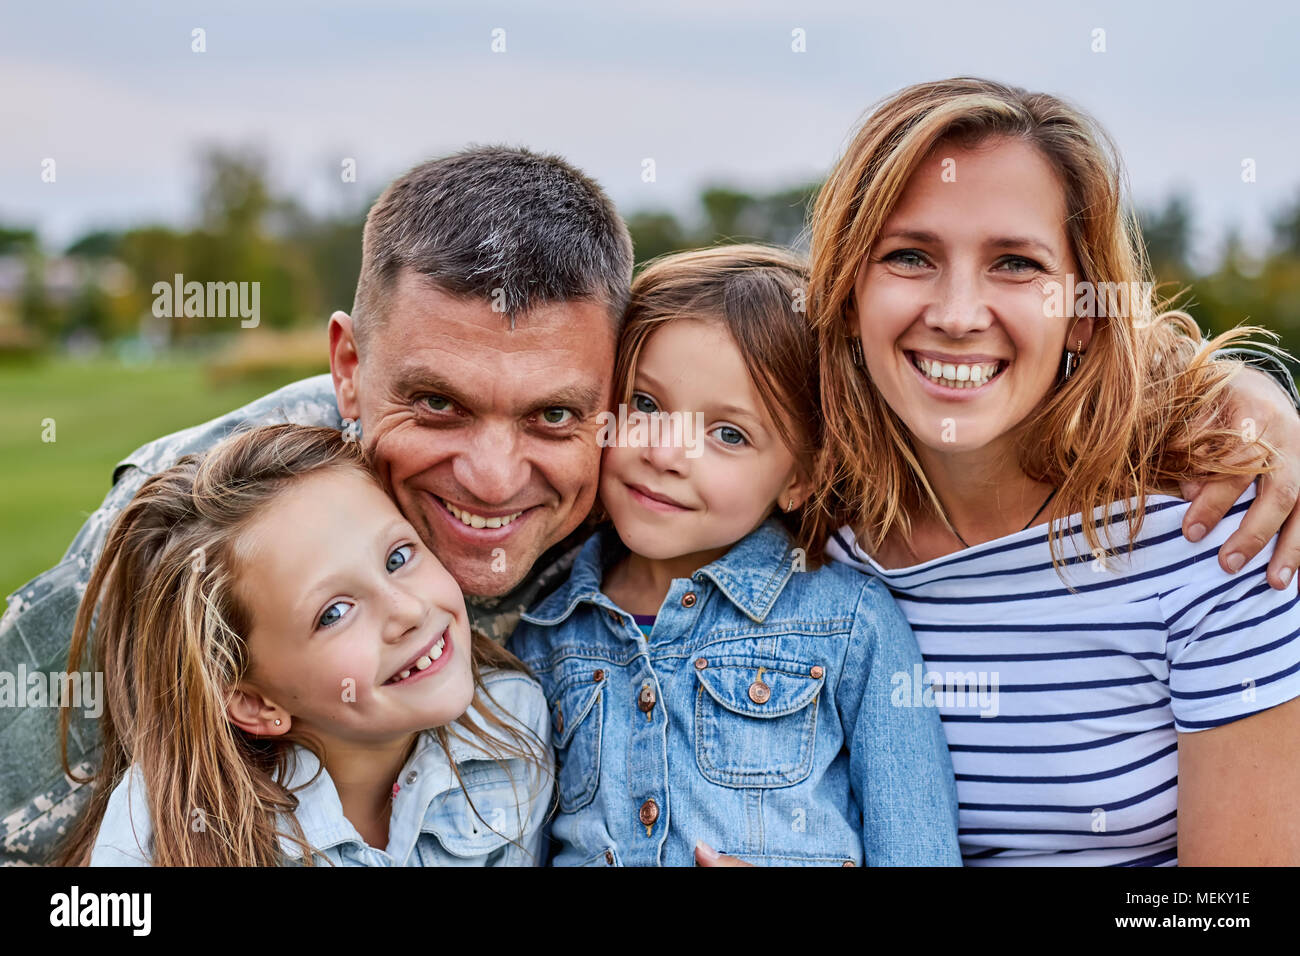 Portrait of happy family. - Stock Image